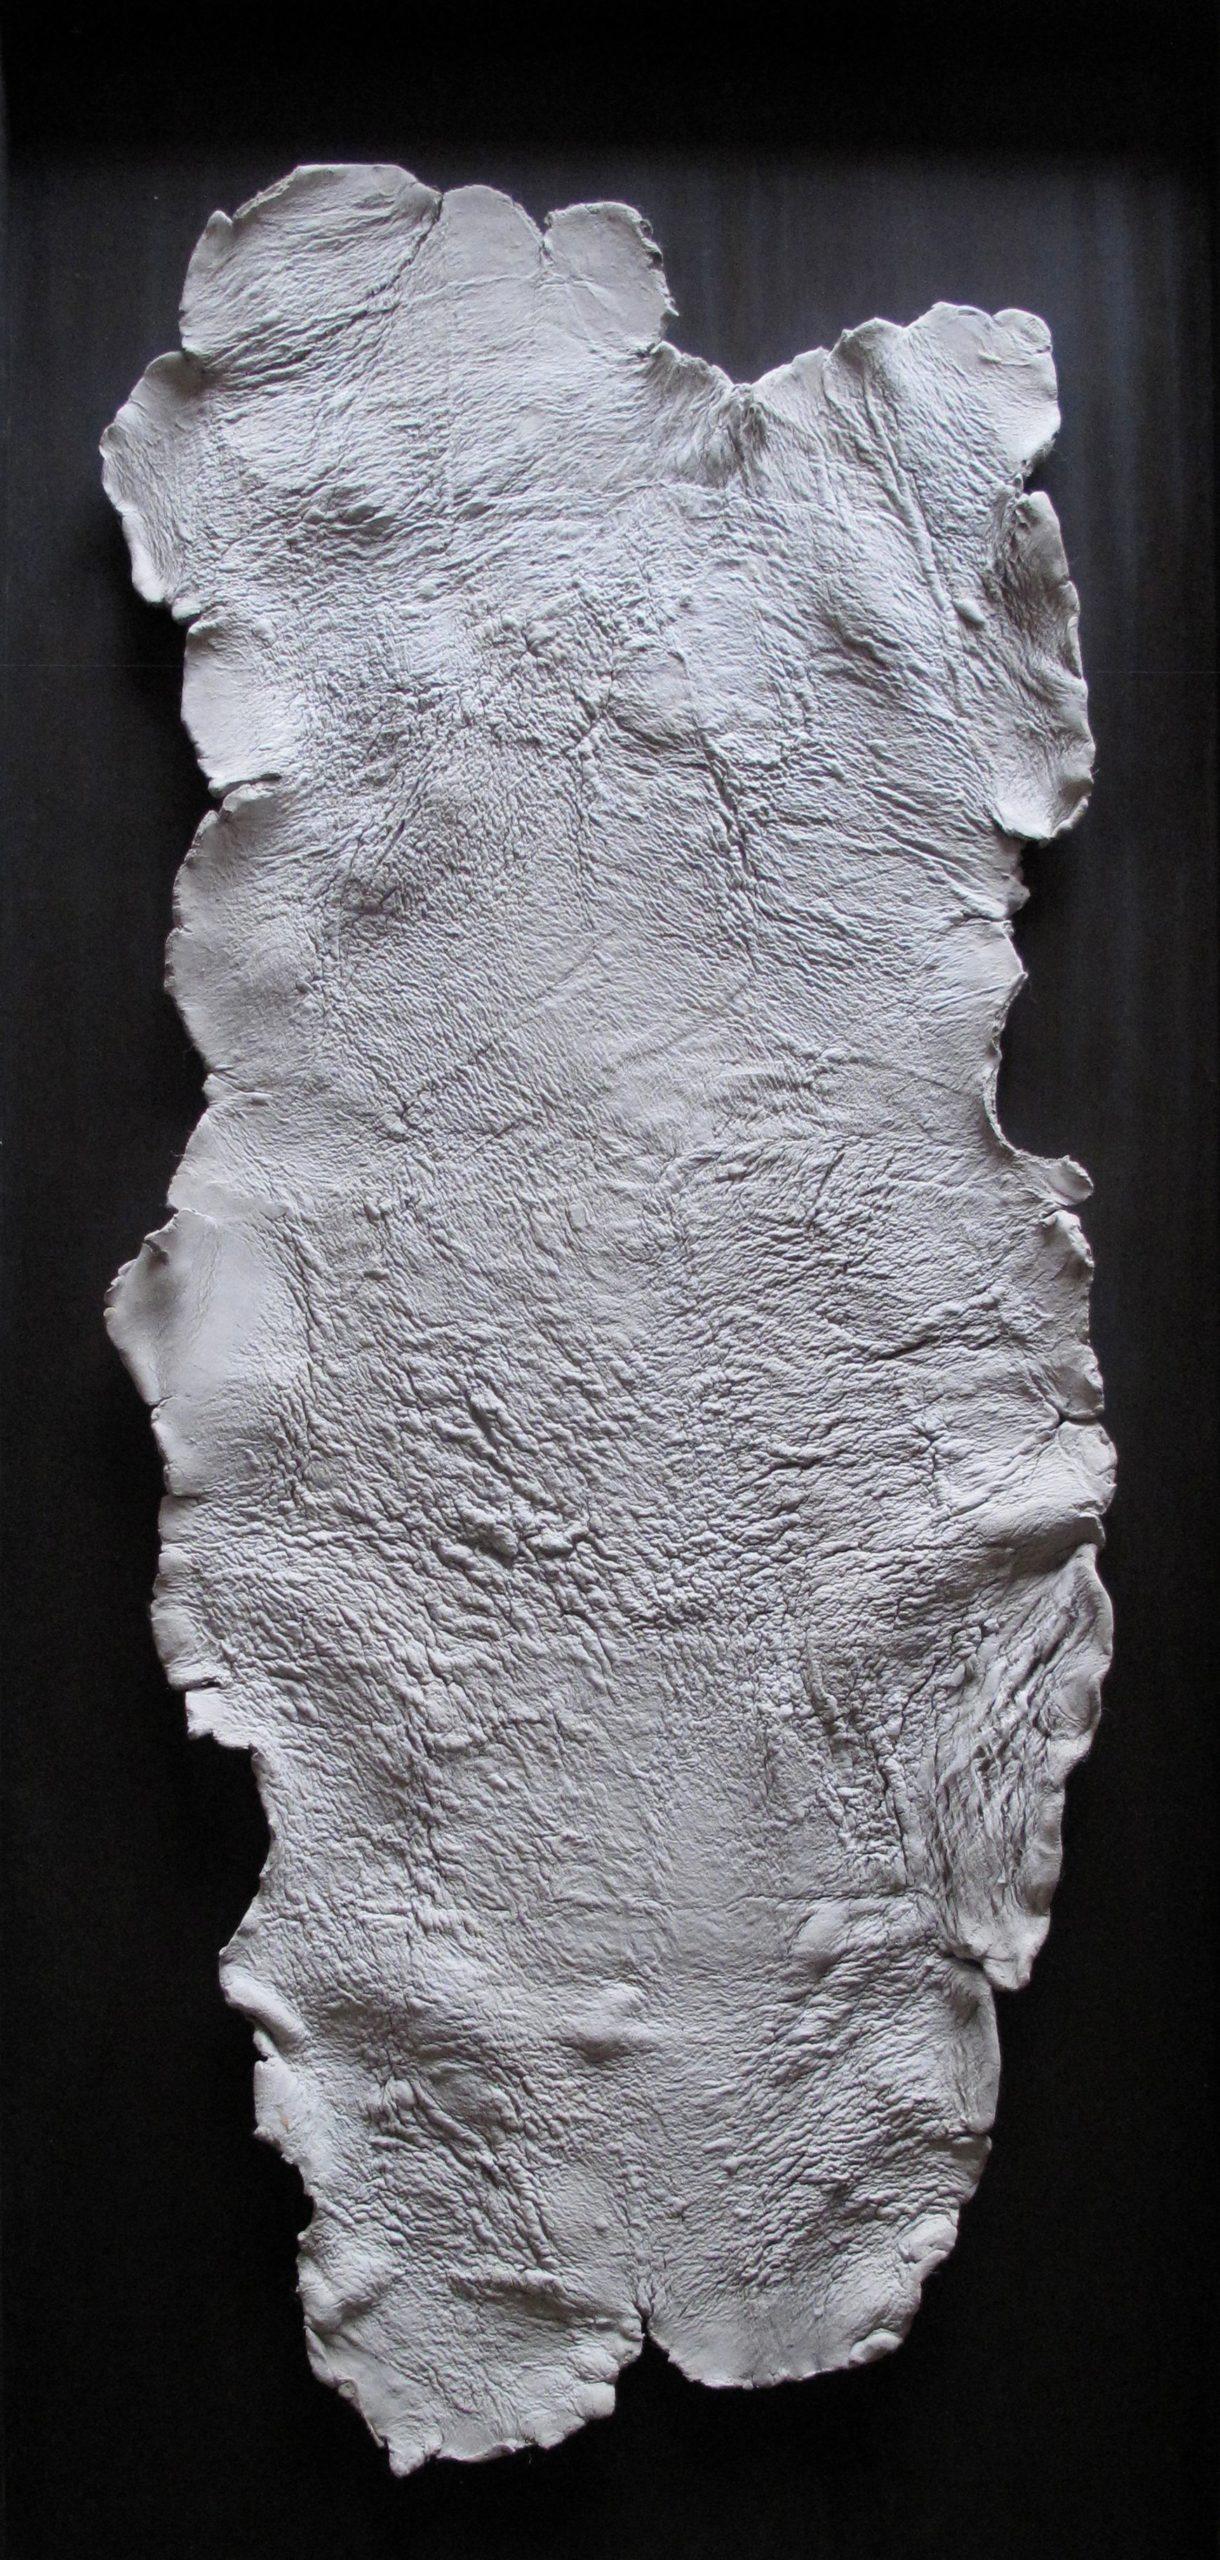 Elephant-Skin-douglas-white